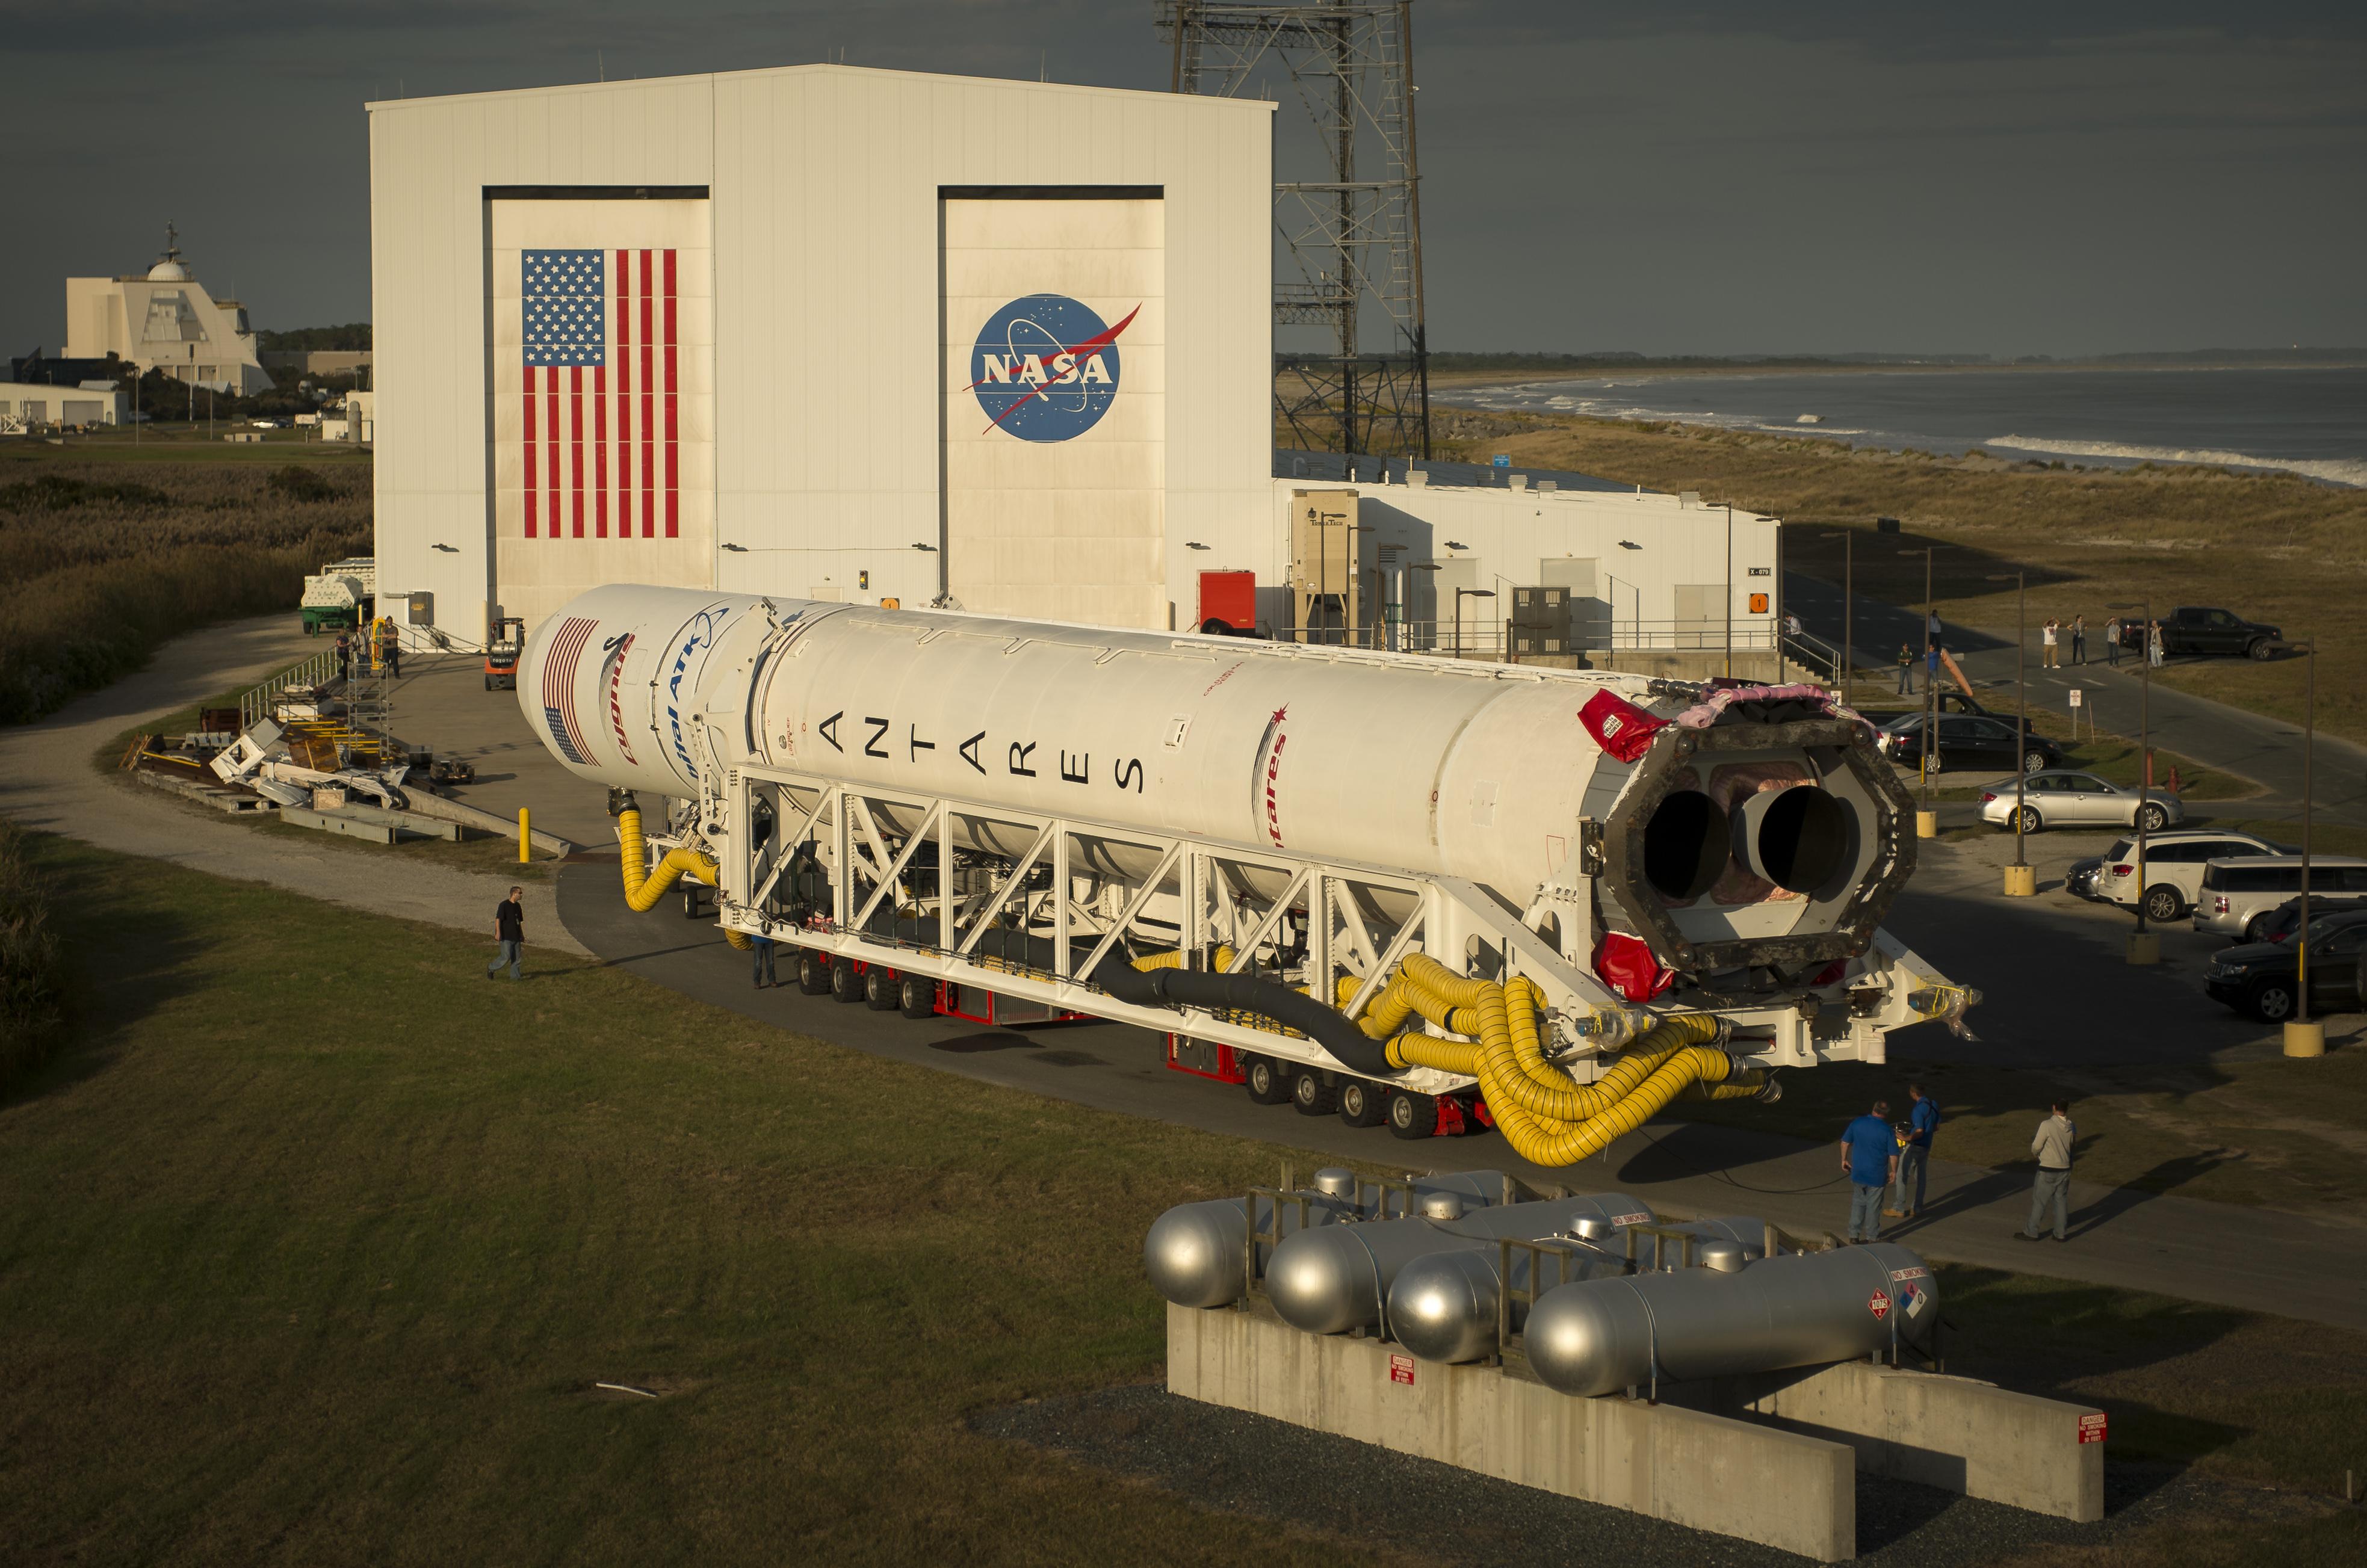 Il rollout di Antares alla Wallops Flight Facility (Virginia) il 13 ottobre 2016. Photo Credit: (NASA/Bill Ingalls)